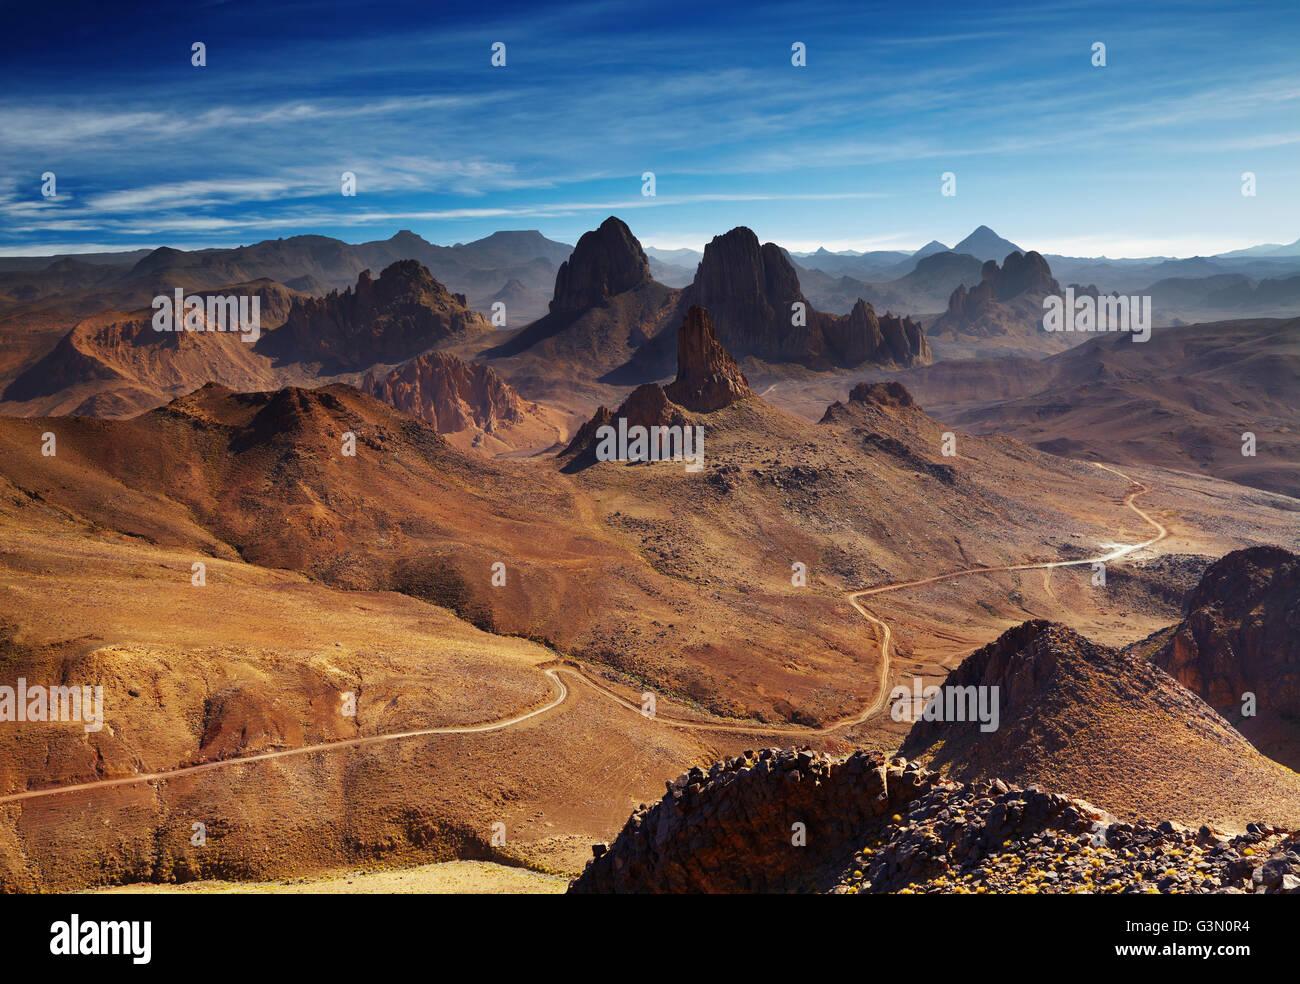 El Desierto del Sahara, las montañas de Hoggar, Argelia, vista desde el Assekrem pass Imagen De Stock